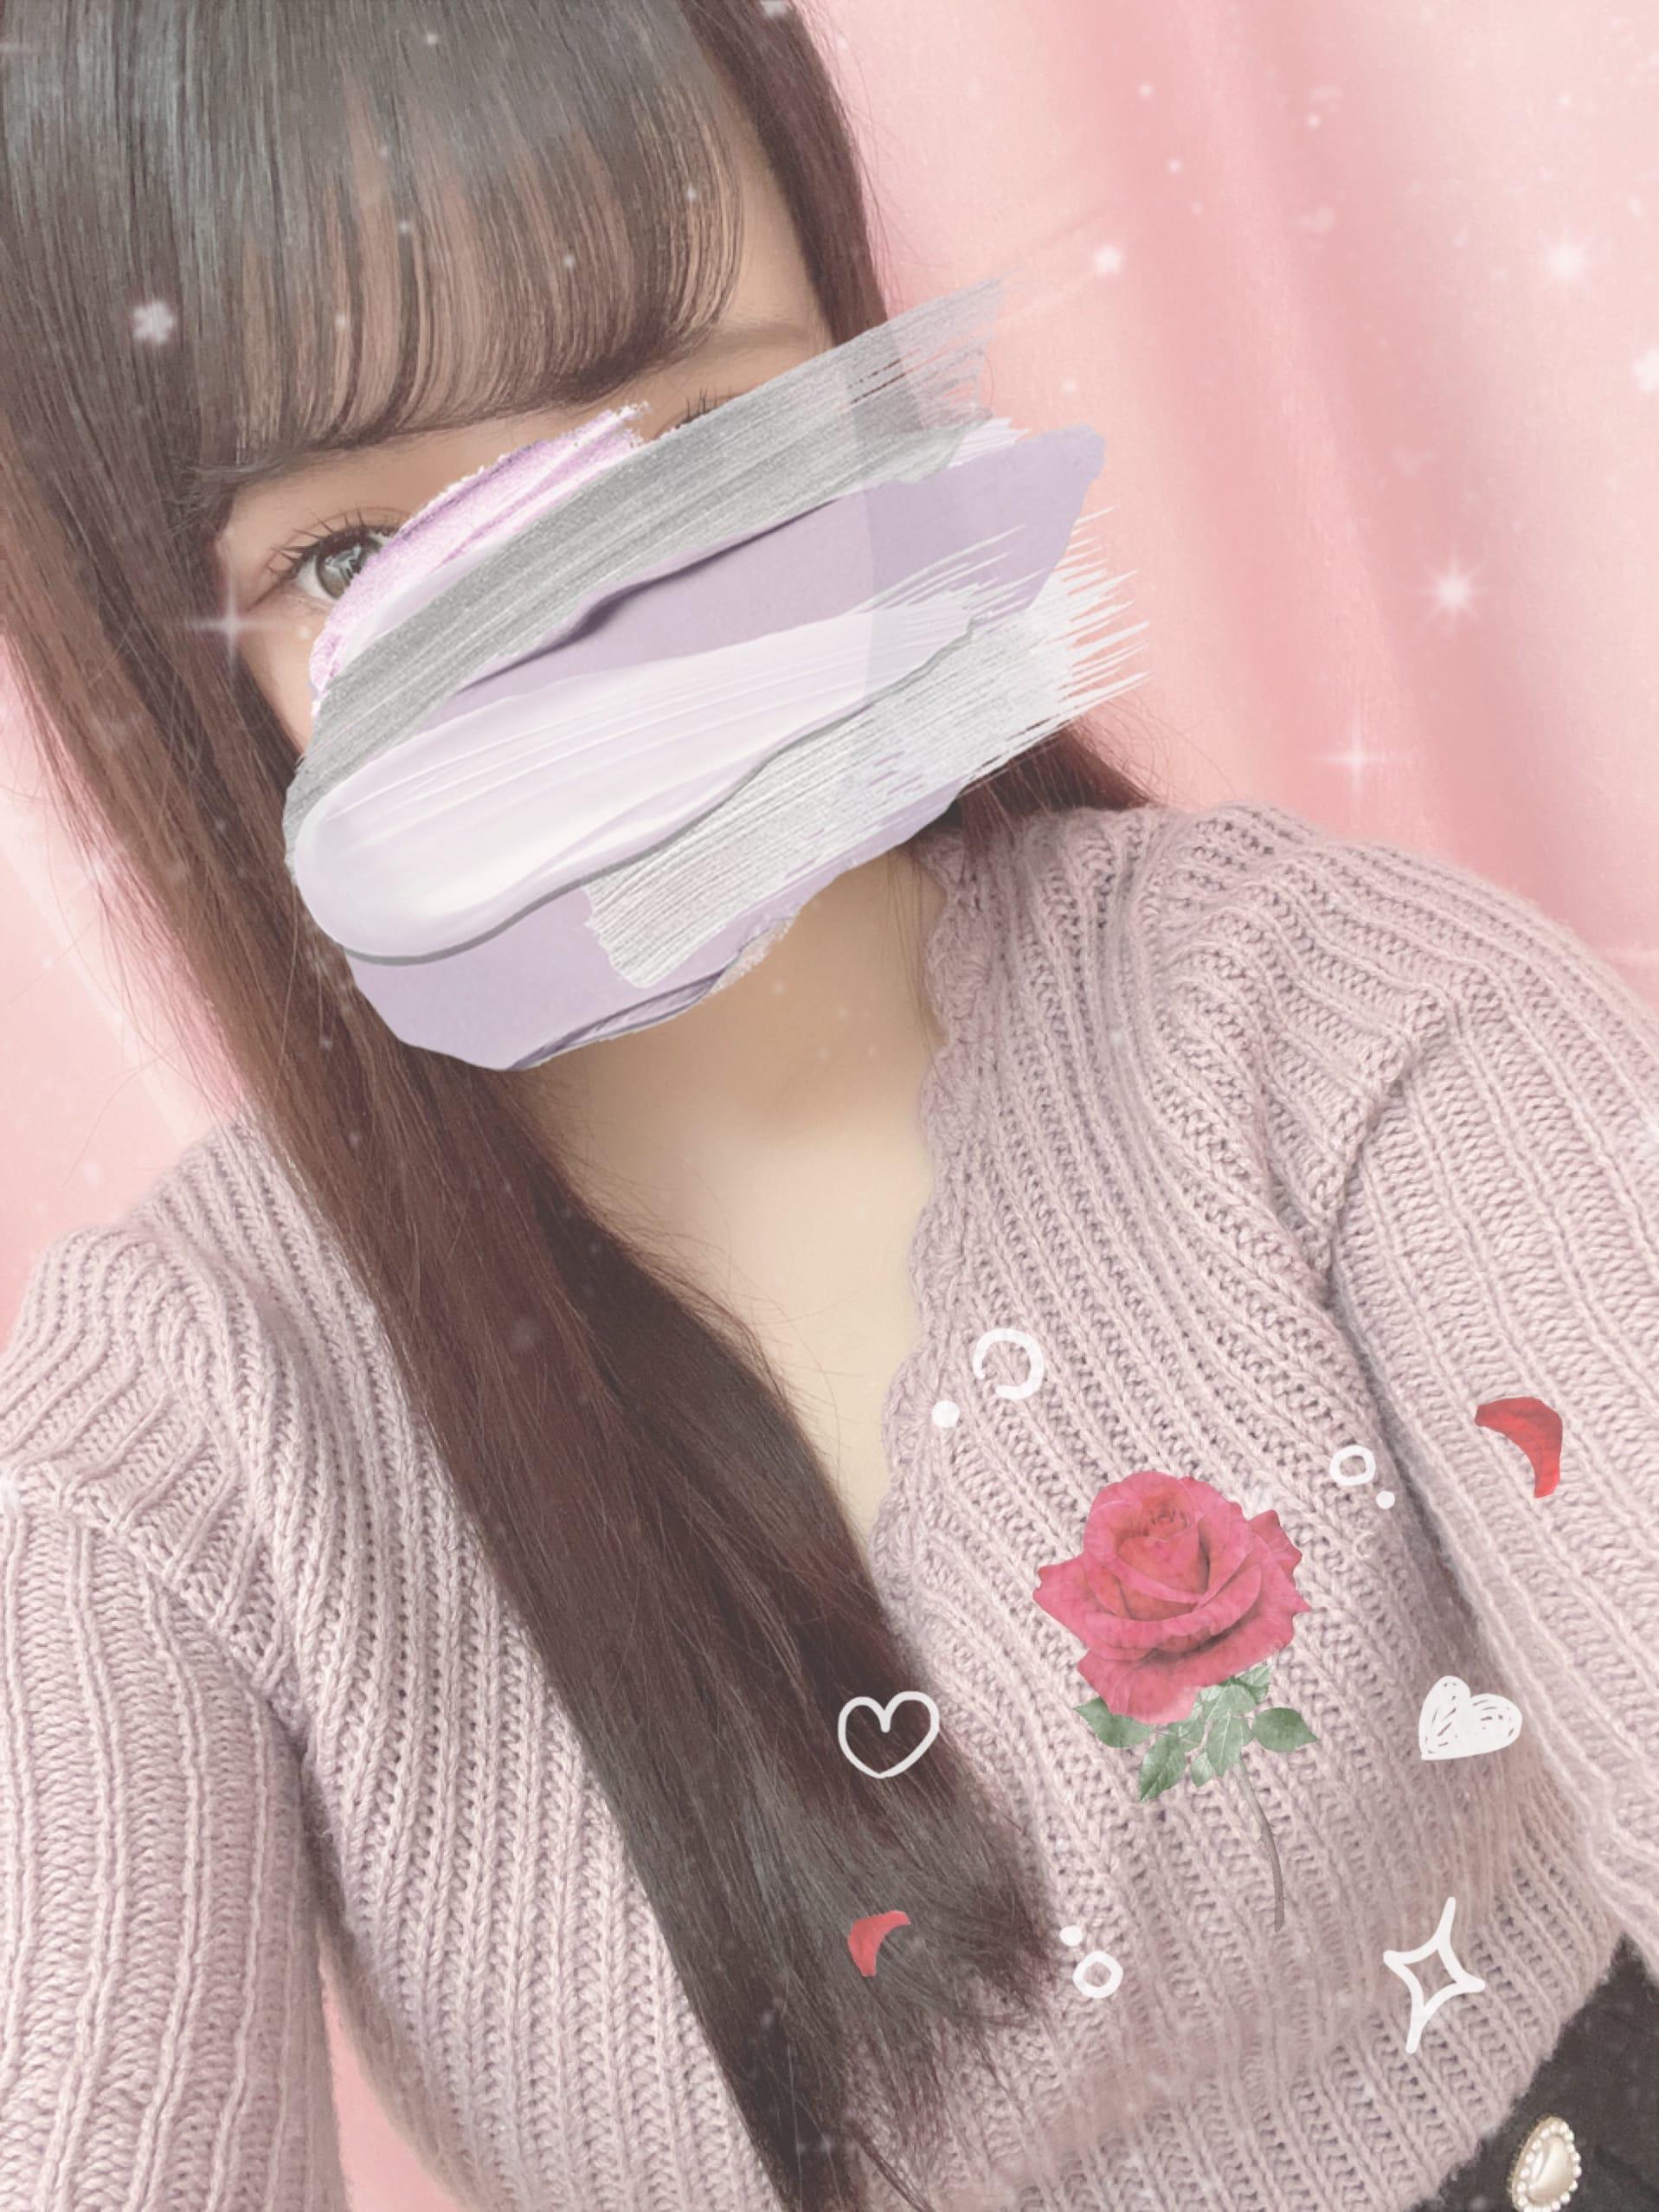 「おはよう〜」06/19(06/19) 08:16   モ力ちゃんの写メ